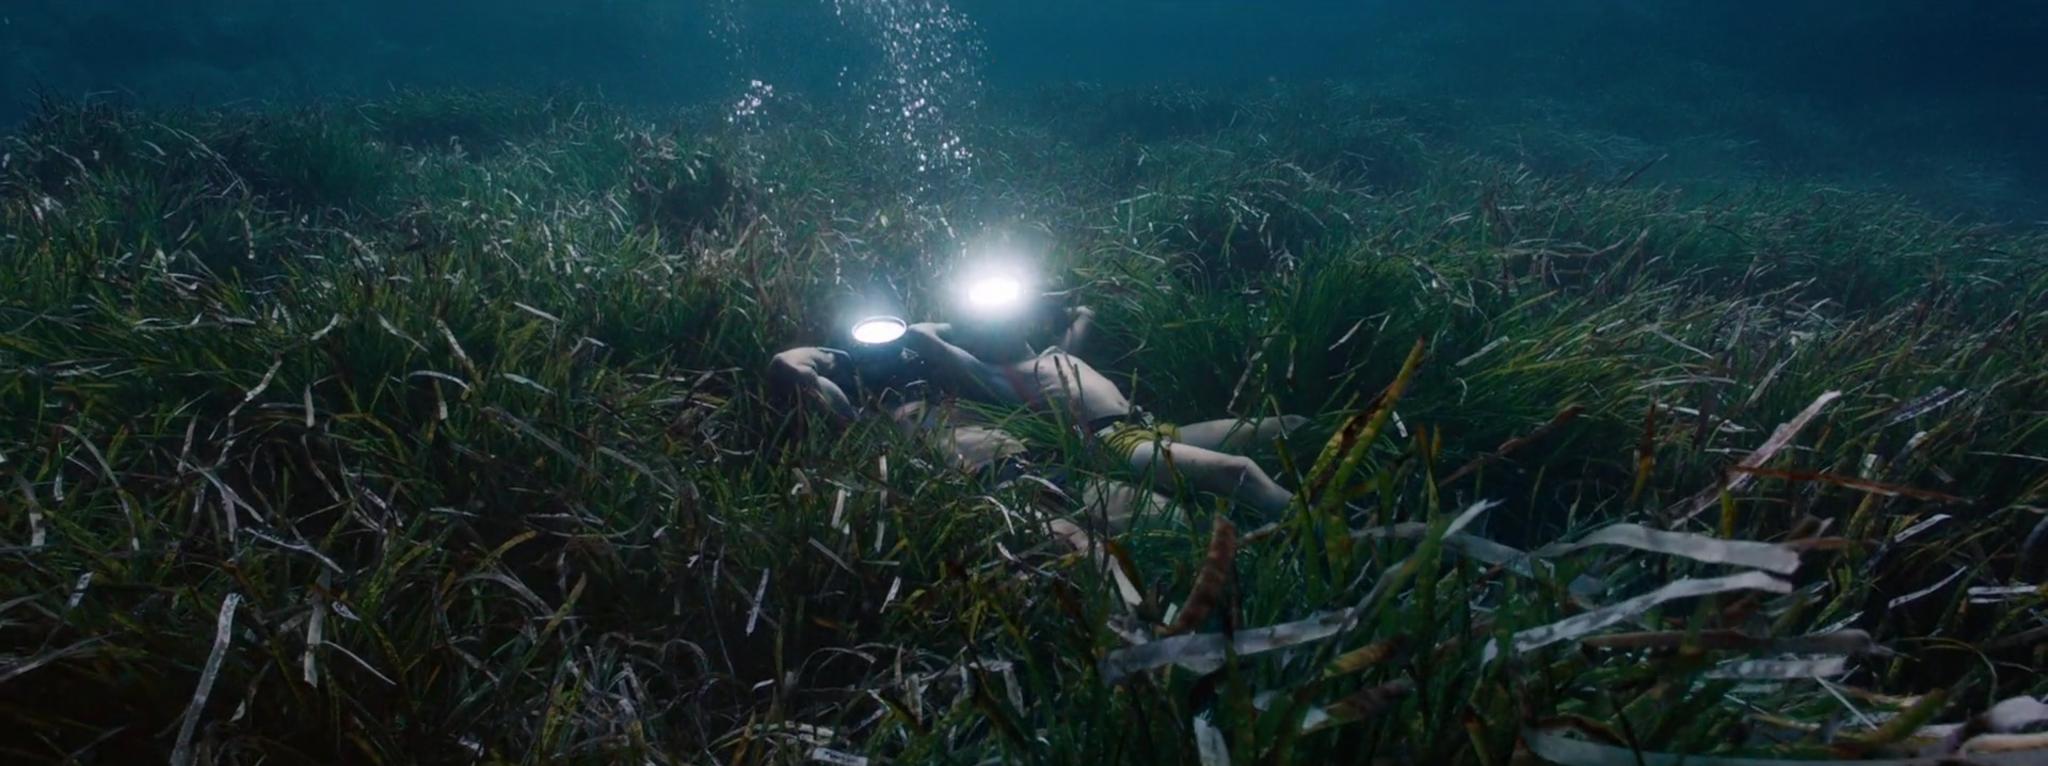 cousteau,biopic,l'odysssée,jacques-yves cousteau,océans,cinéma,jrérôme salle